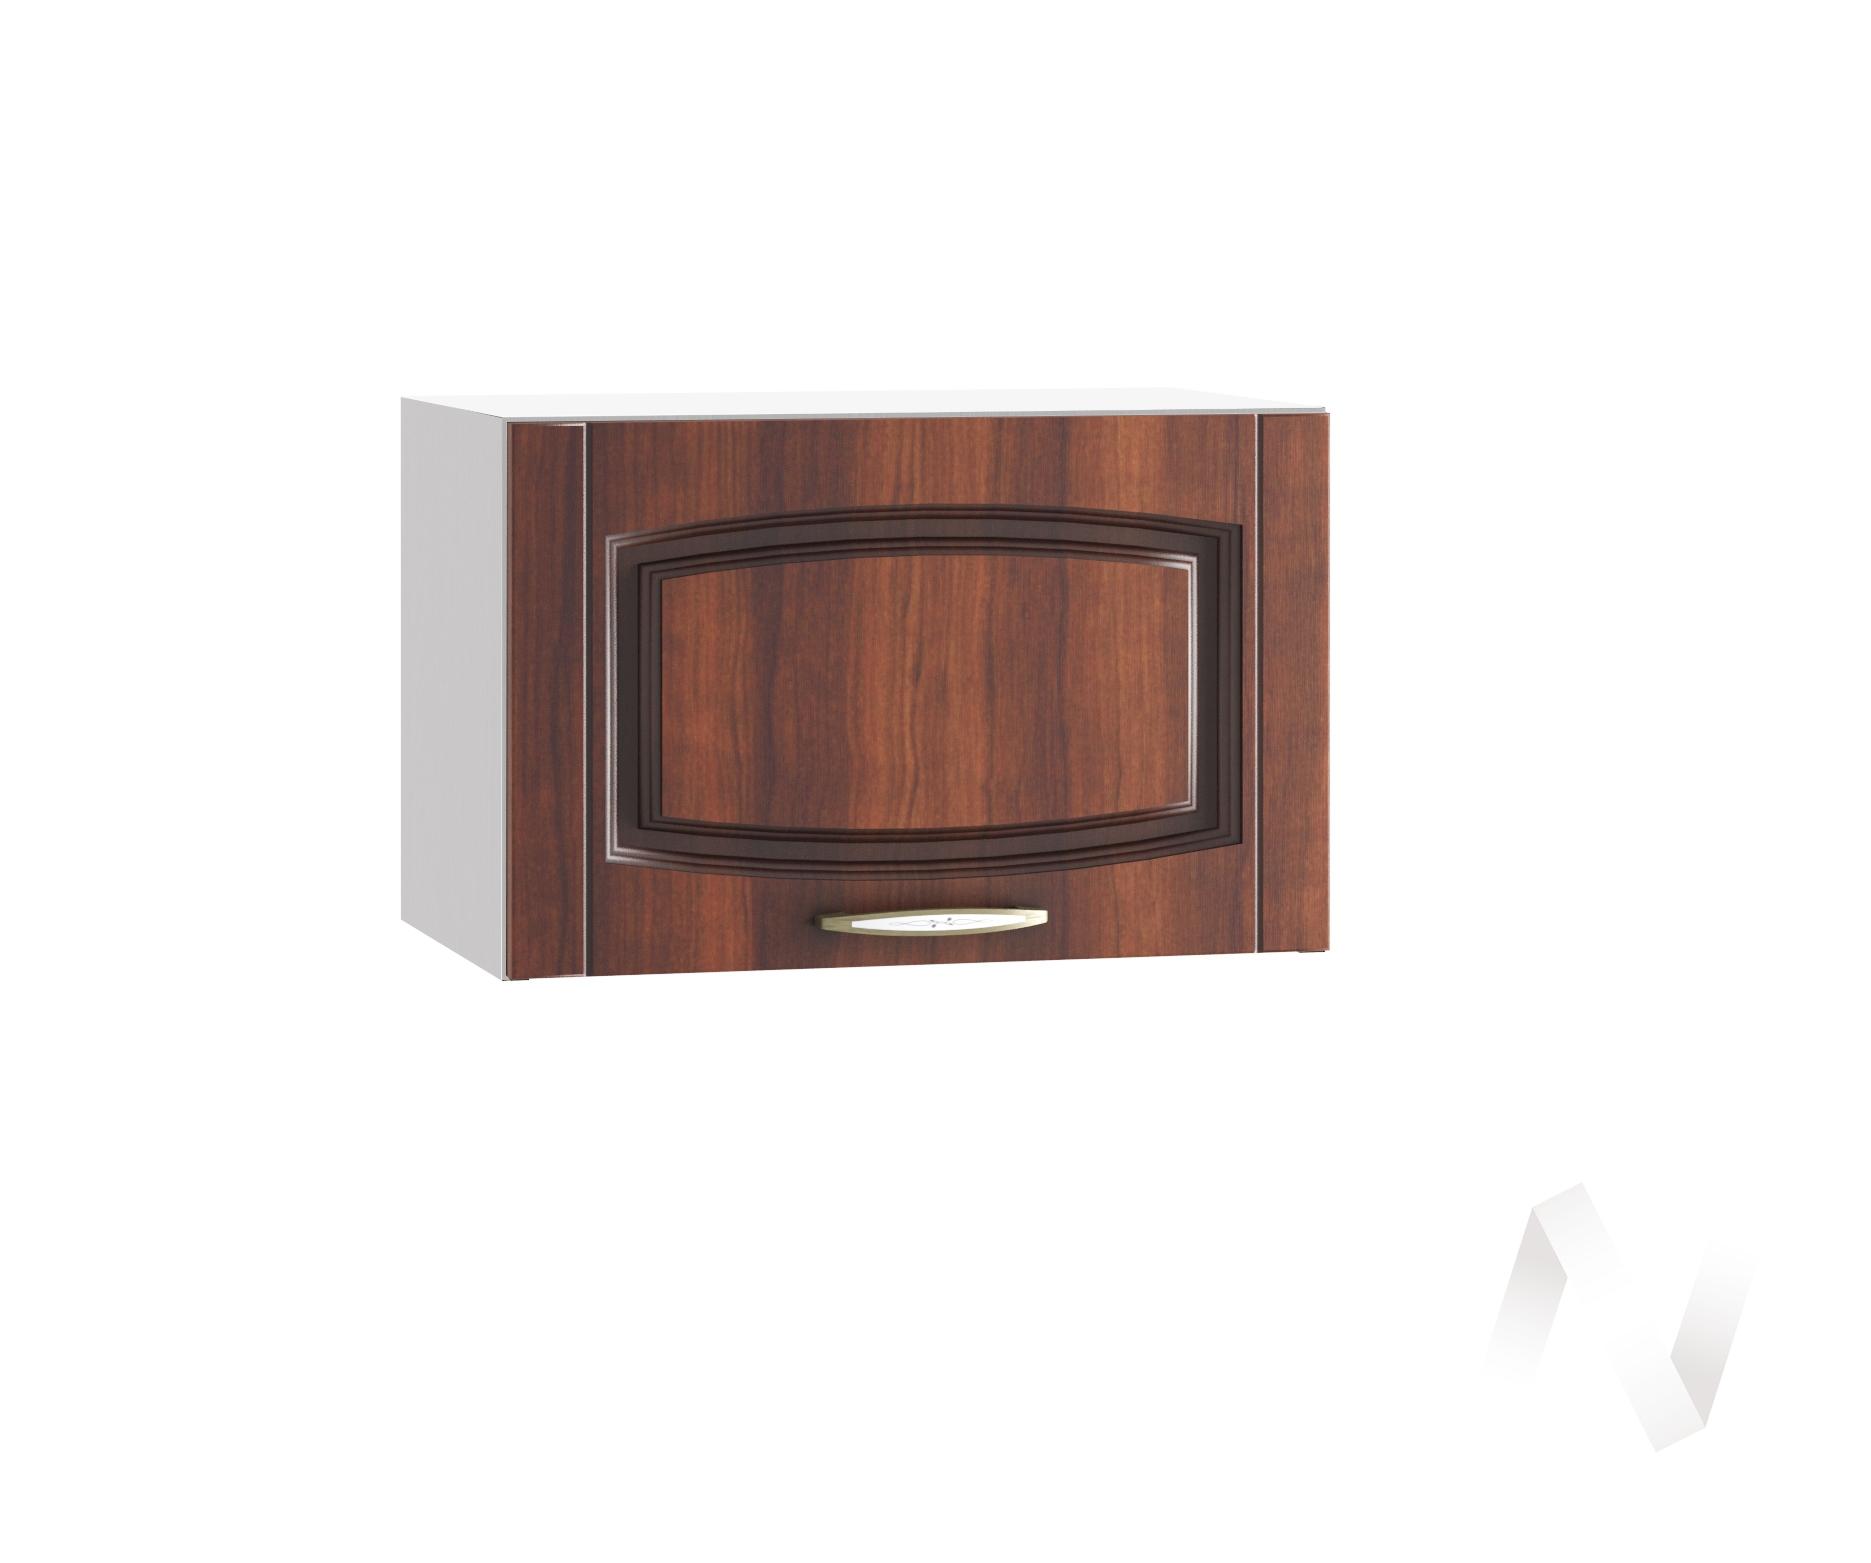 """Кухня """"Неаполь"""": Шкаф верхний горизонтальный 500, ШВГ 500 (Италия/корпус белый)"""